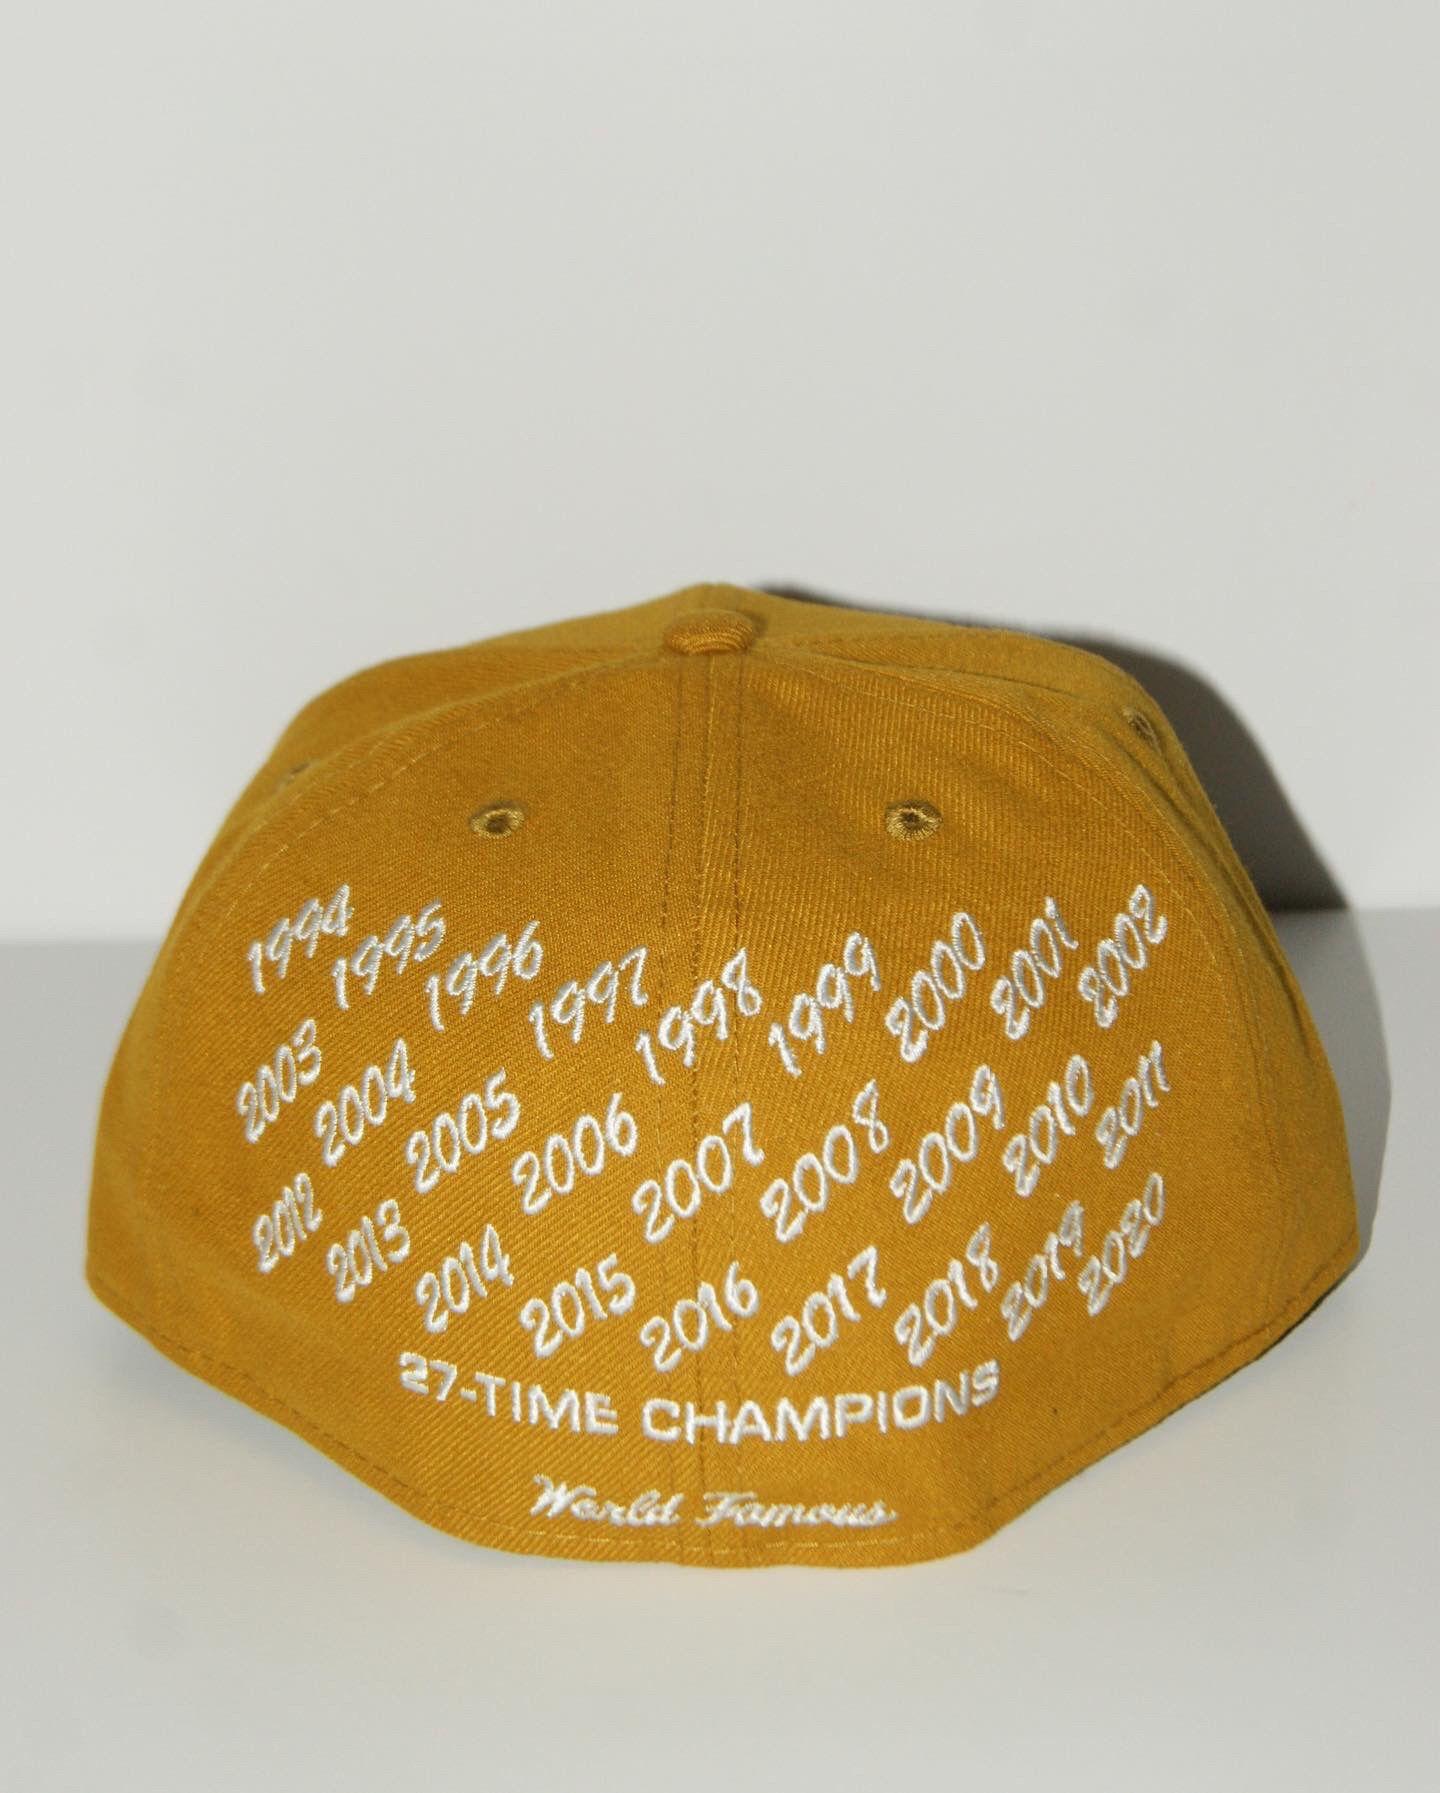 Supreme x New Era Champions Box Logo